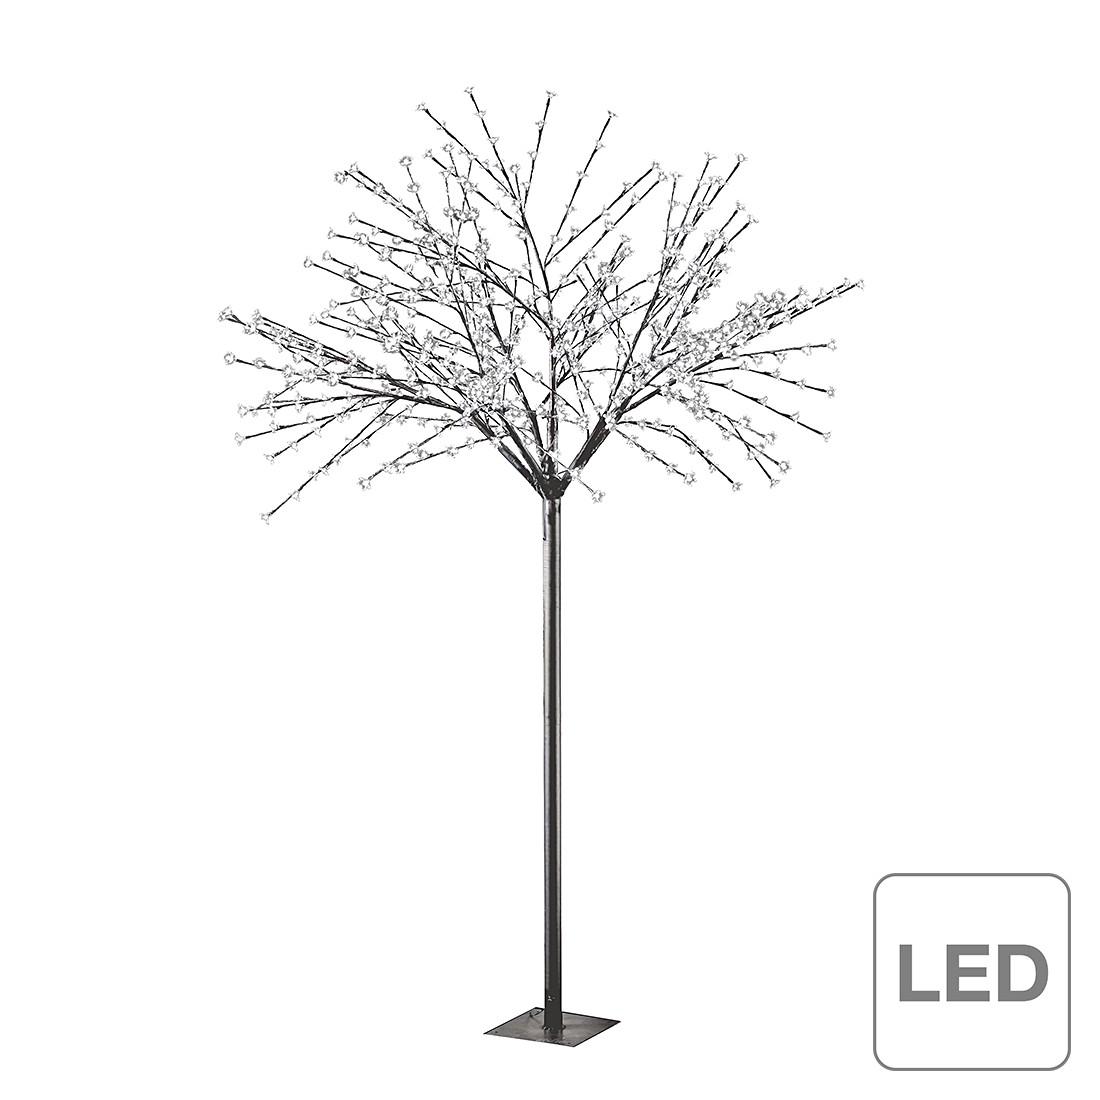 EEK A+, LED-Stehleuchte Led Tree - Metall - Schwarz, Leuchten Dir bei Home24 - Gartenmöbel